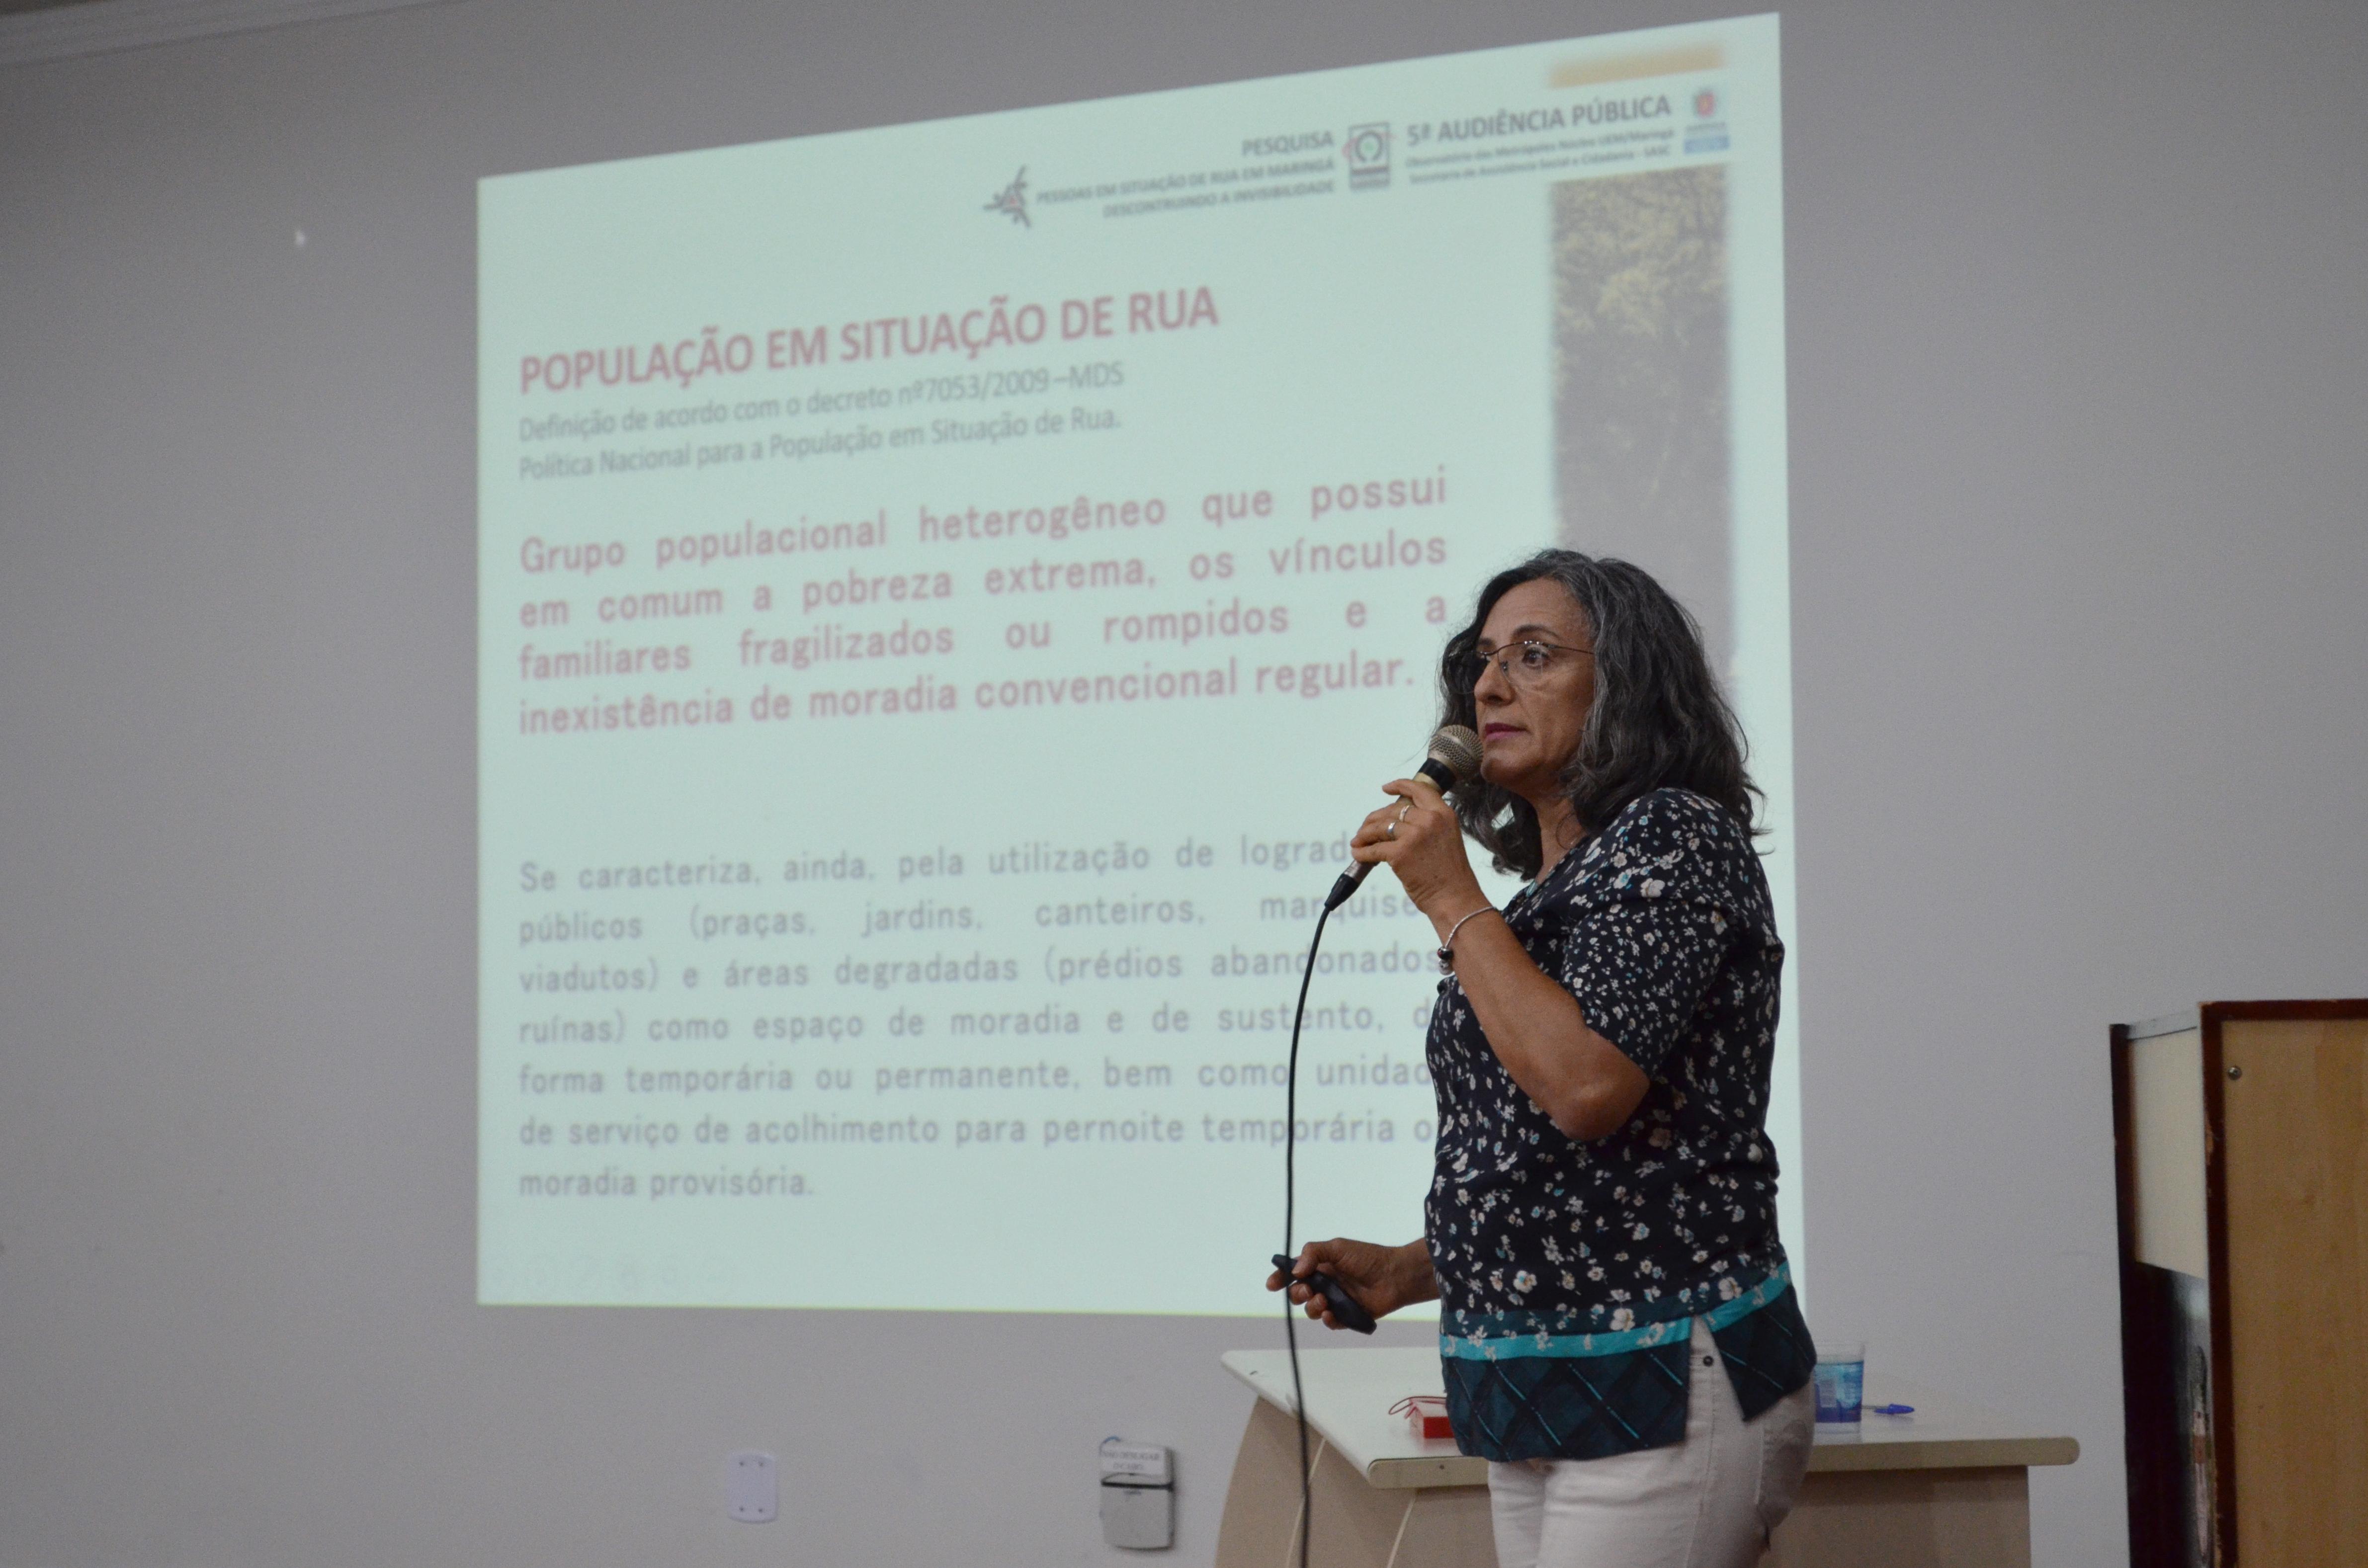 Resultados da pesquisa sobre população em situação de rua em Maringá